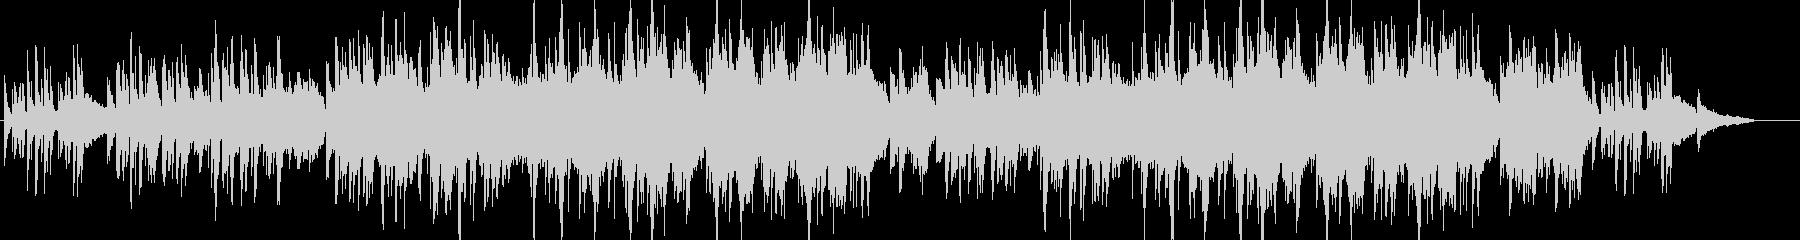 [ビートなし]ピアノと弦の感動を誘う曲の未再生の波形